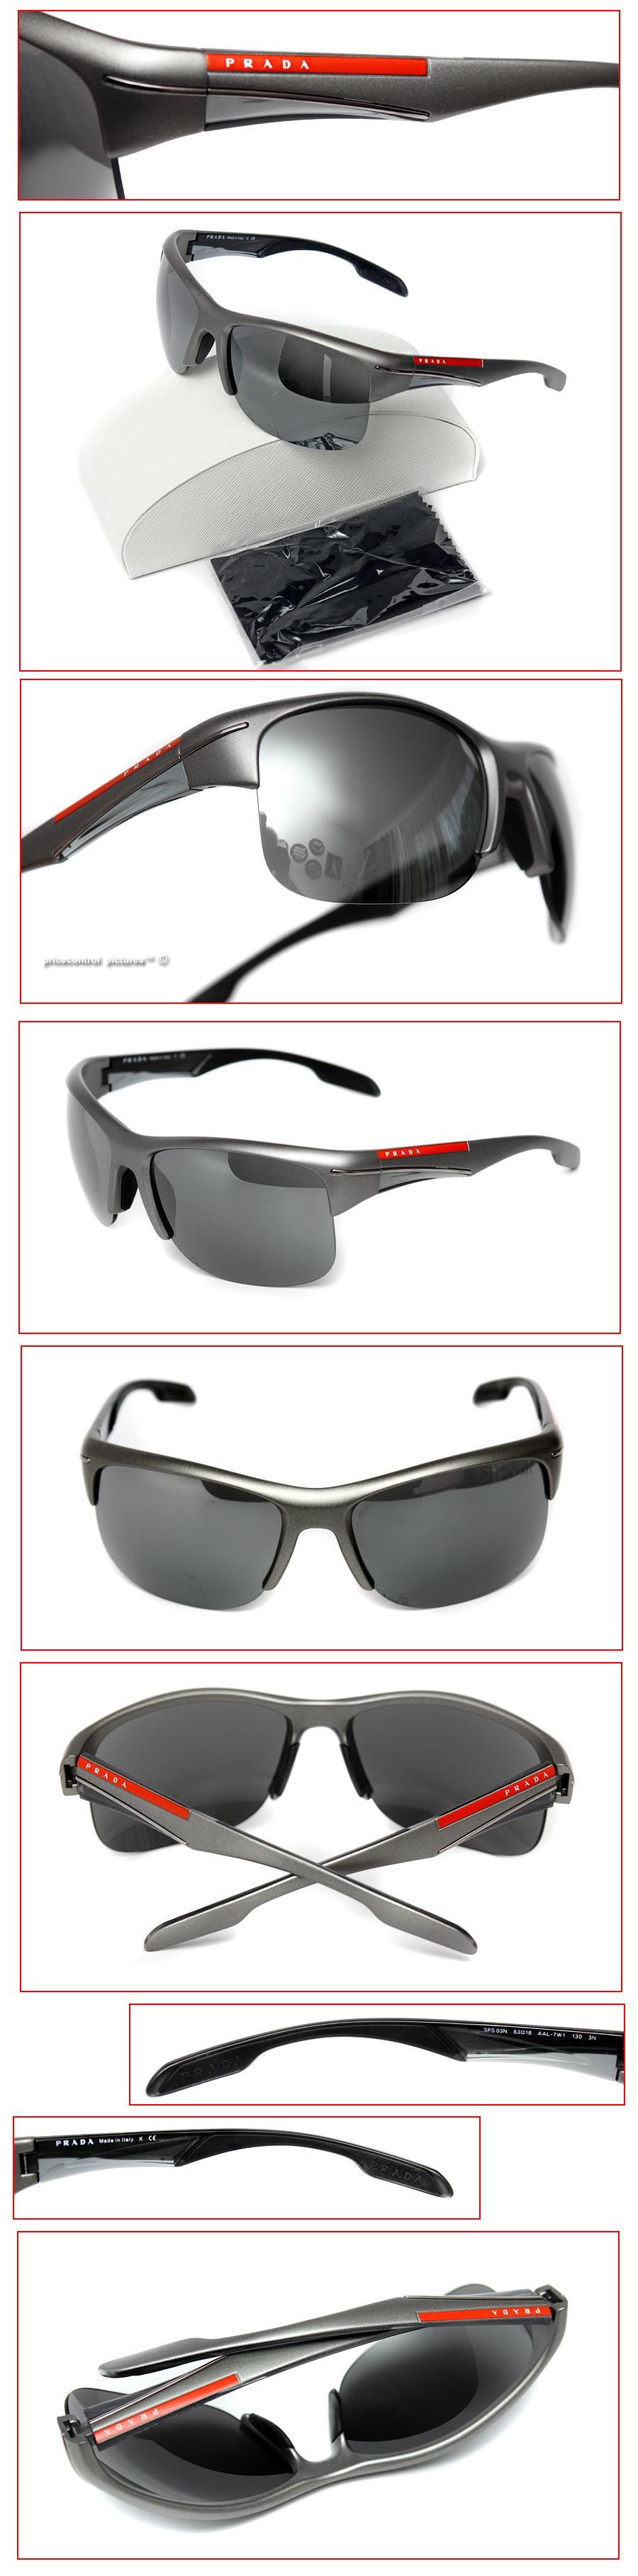 mirrored circle sunglasses  plate mirrored